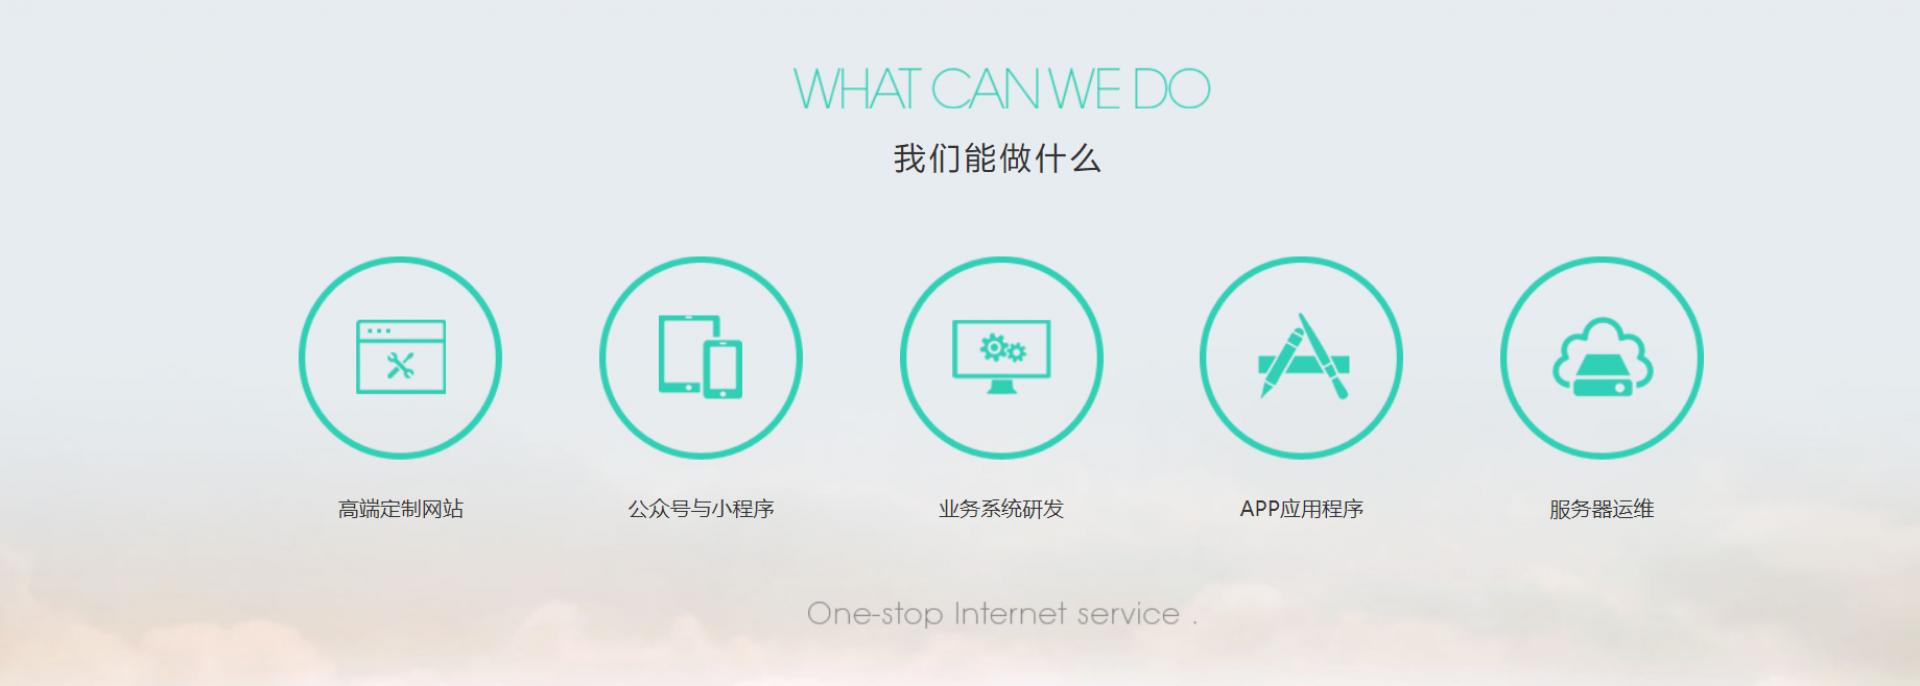 广州外兴软件科技宣传公告牌